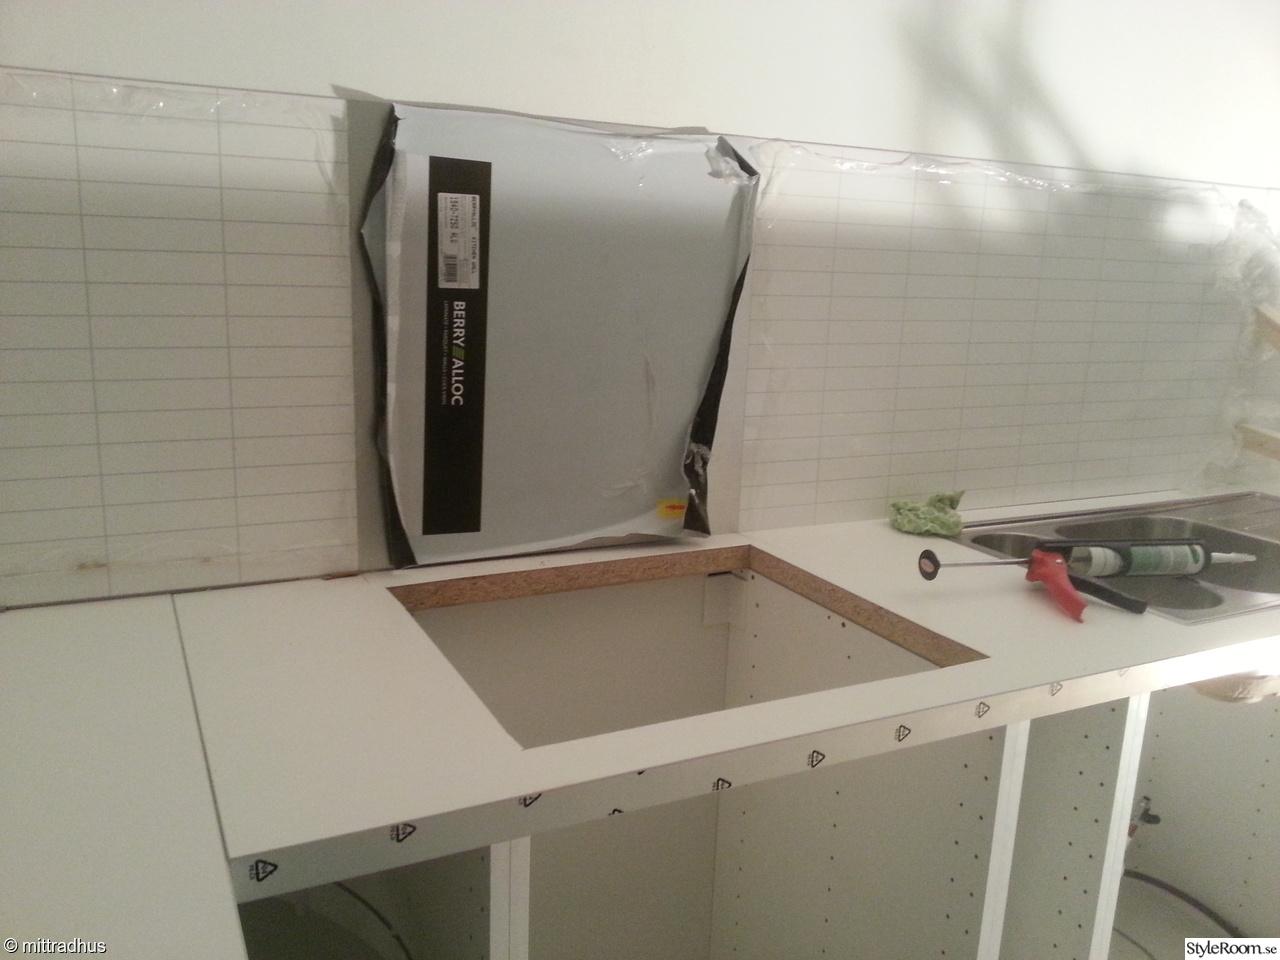 Vitt Kok Ikea : vitt kok ikea  ikea kok,ikea,vit bonkskiva,vitt kakel,kakelskivor